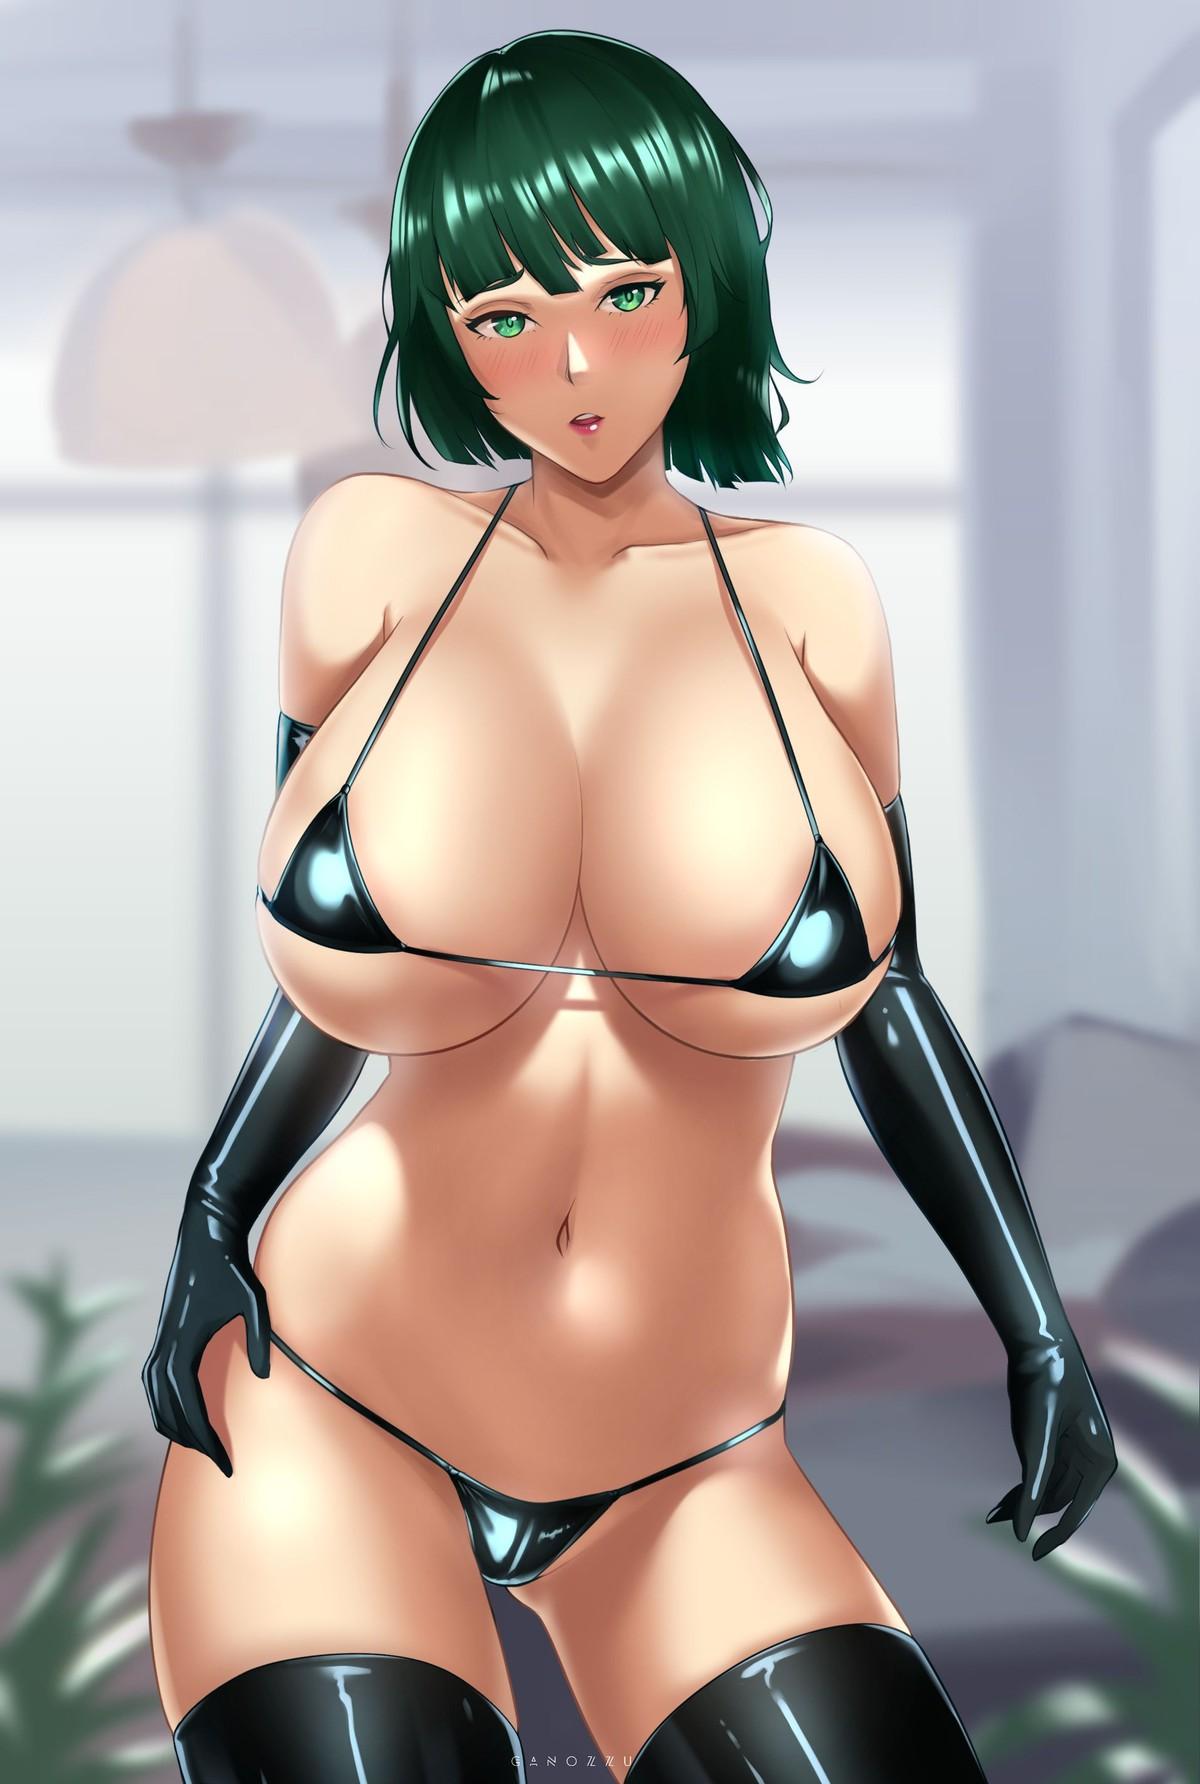 fubuki_(one-punch_man)025